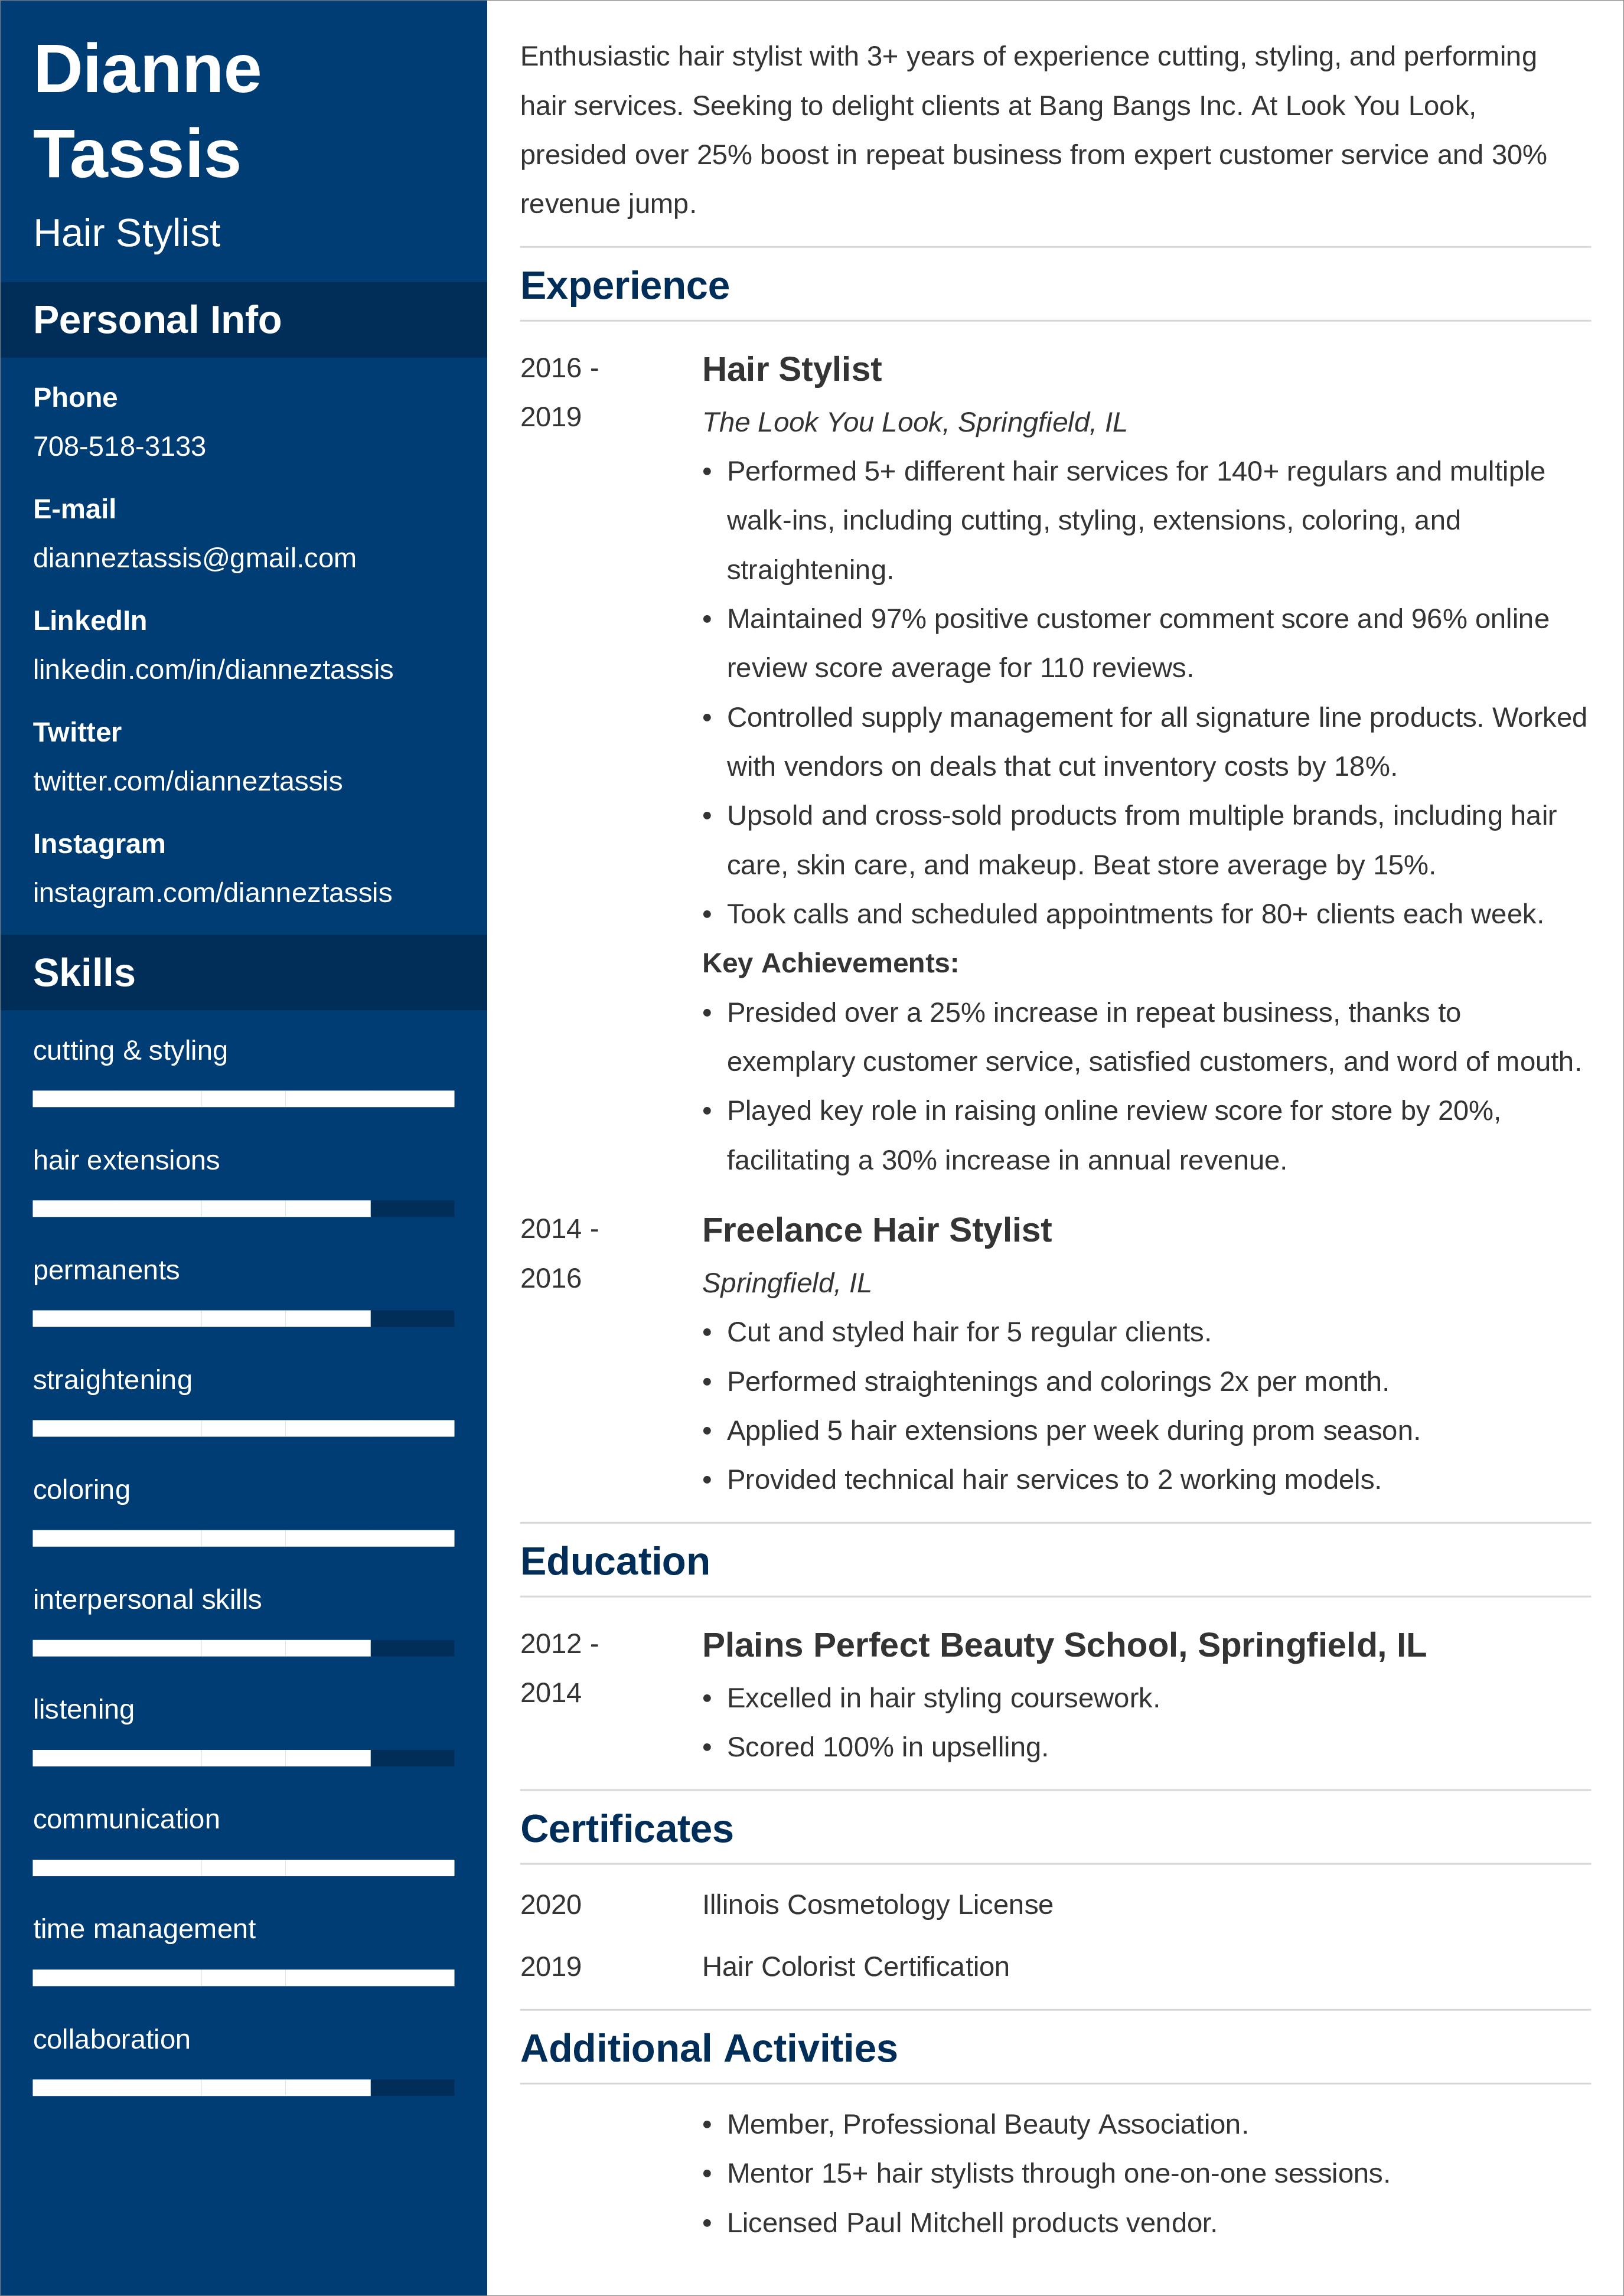 hair stylist CV templates